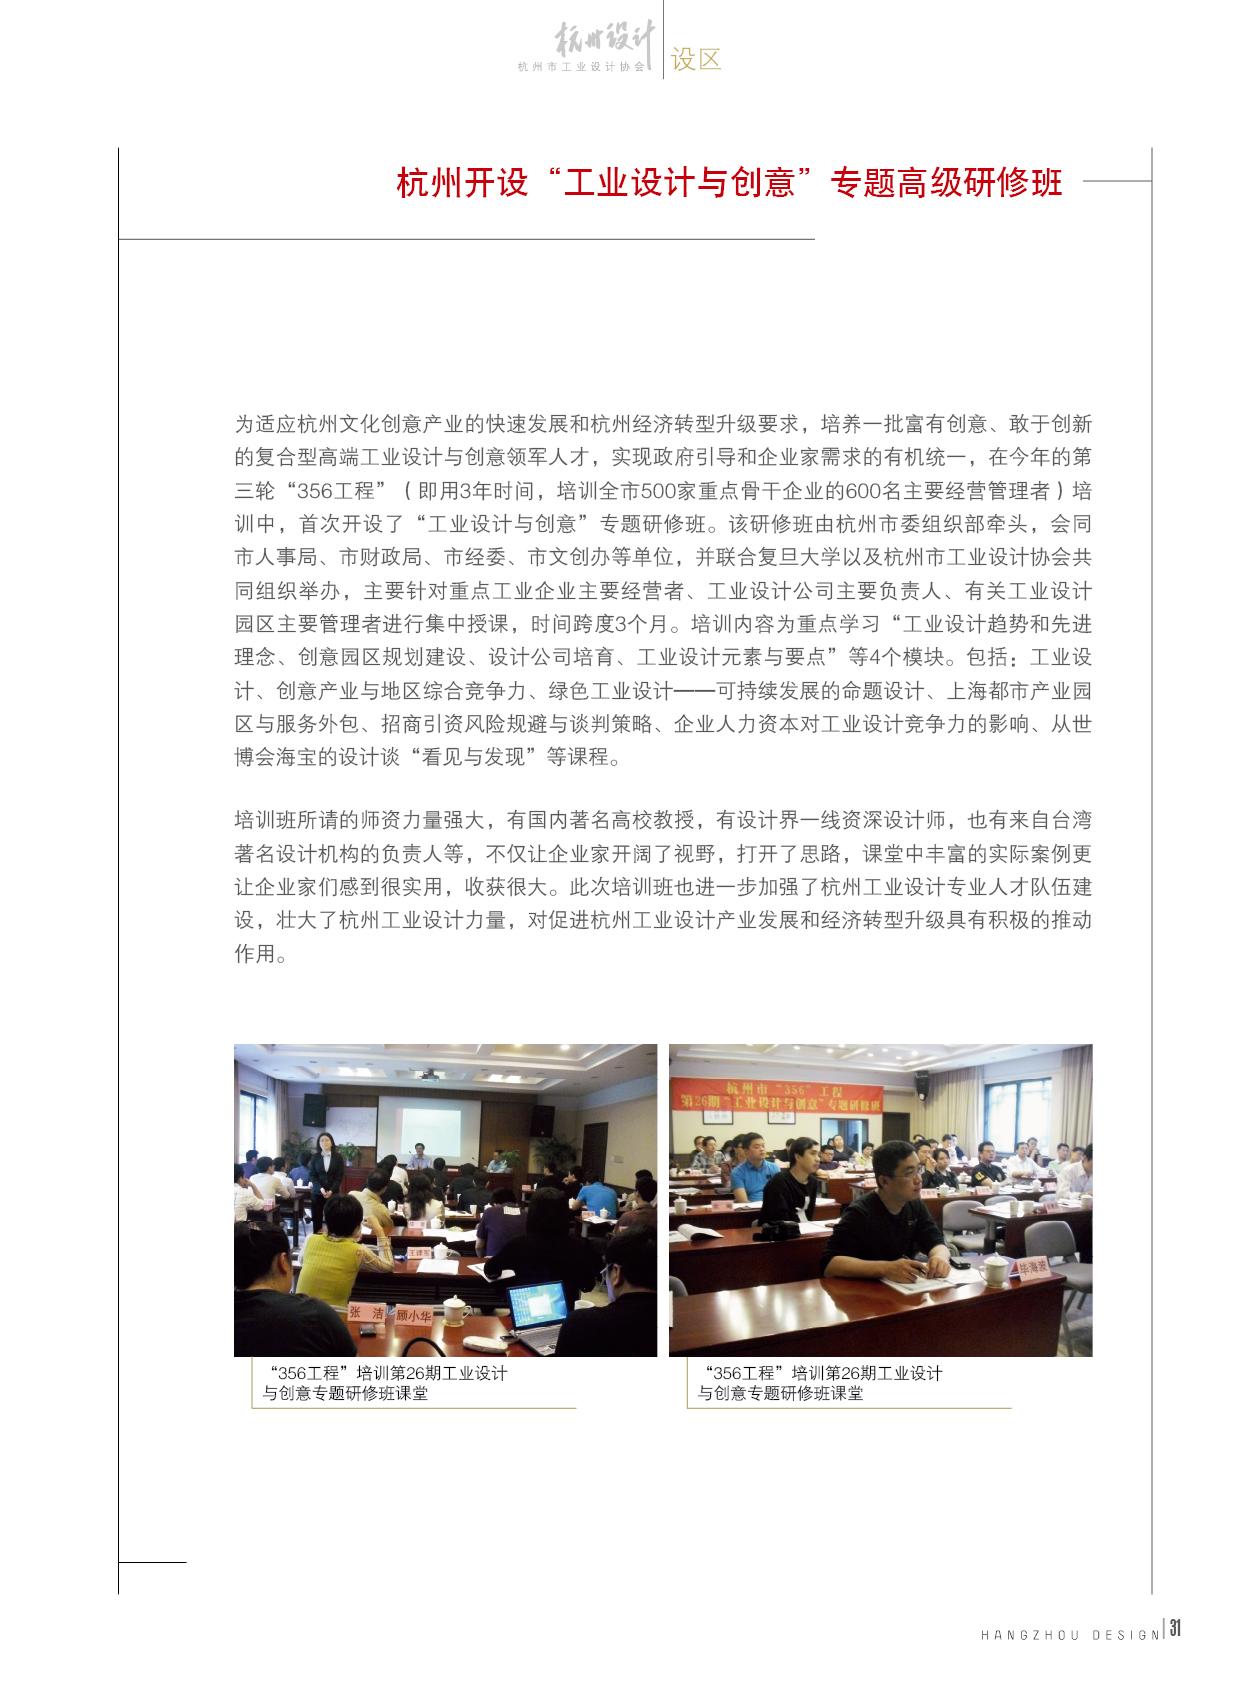 杭州工业设计协会